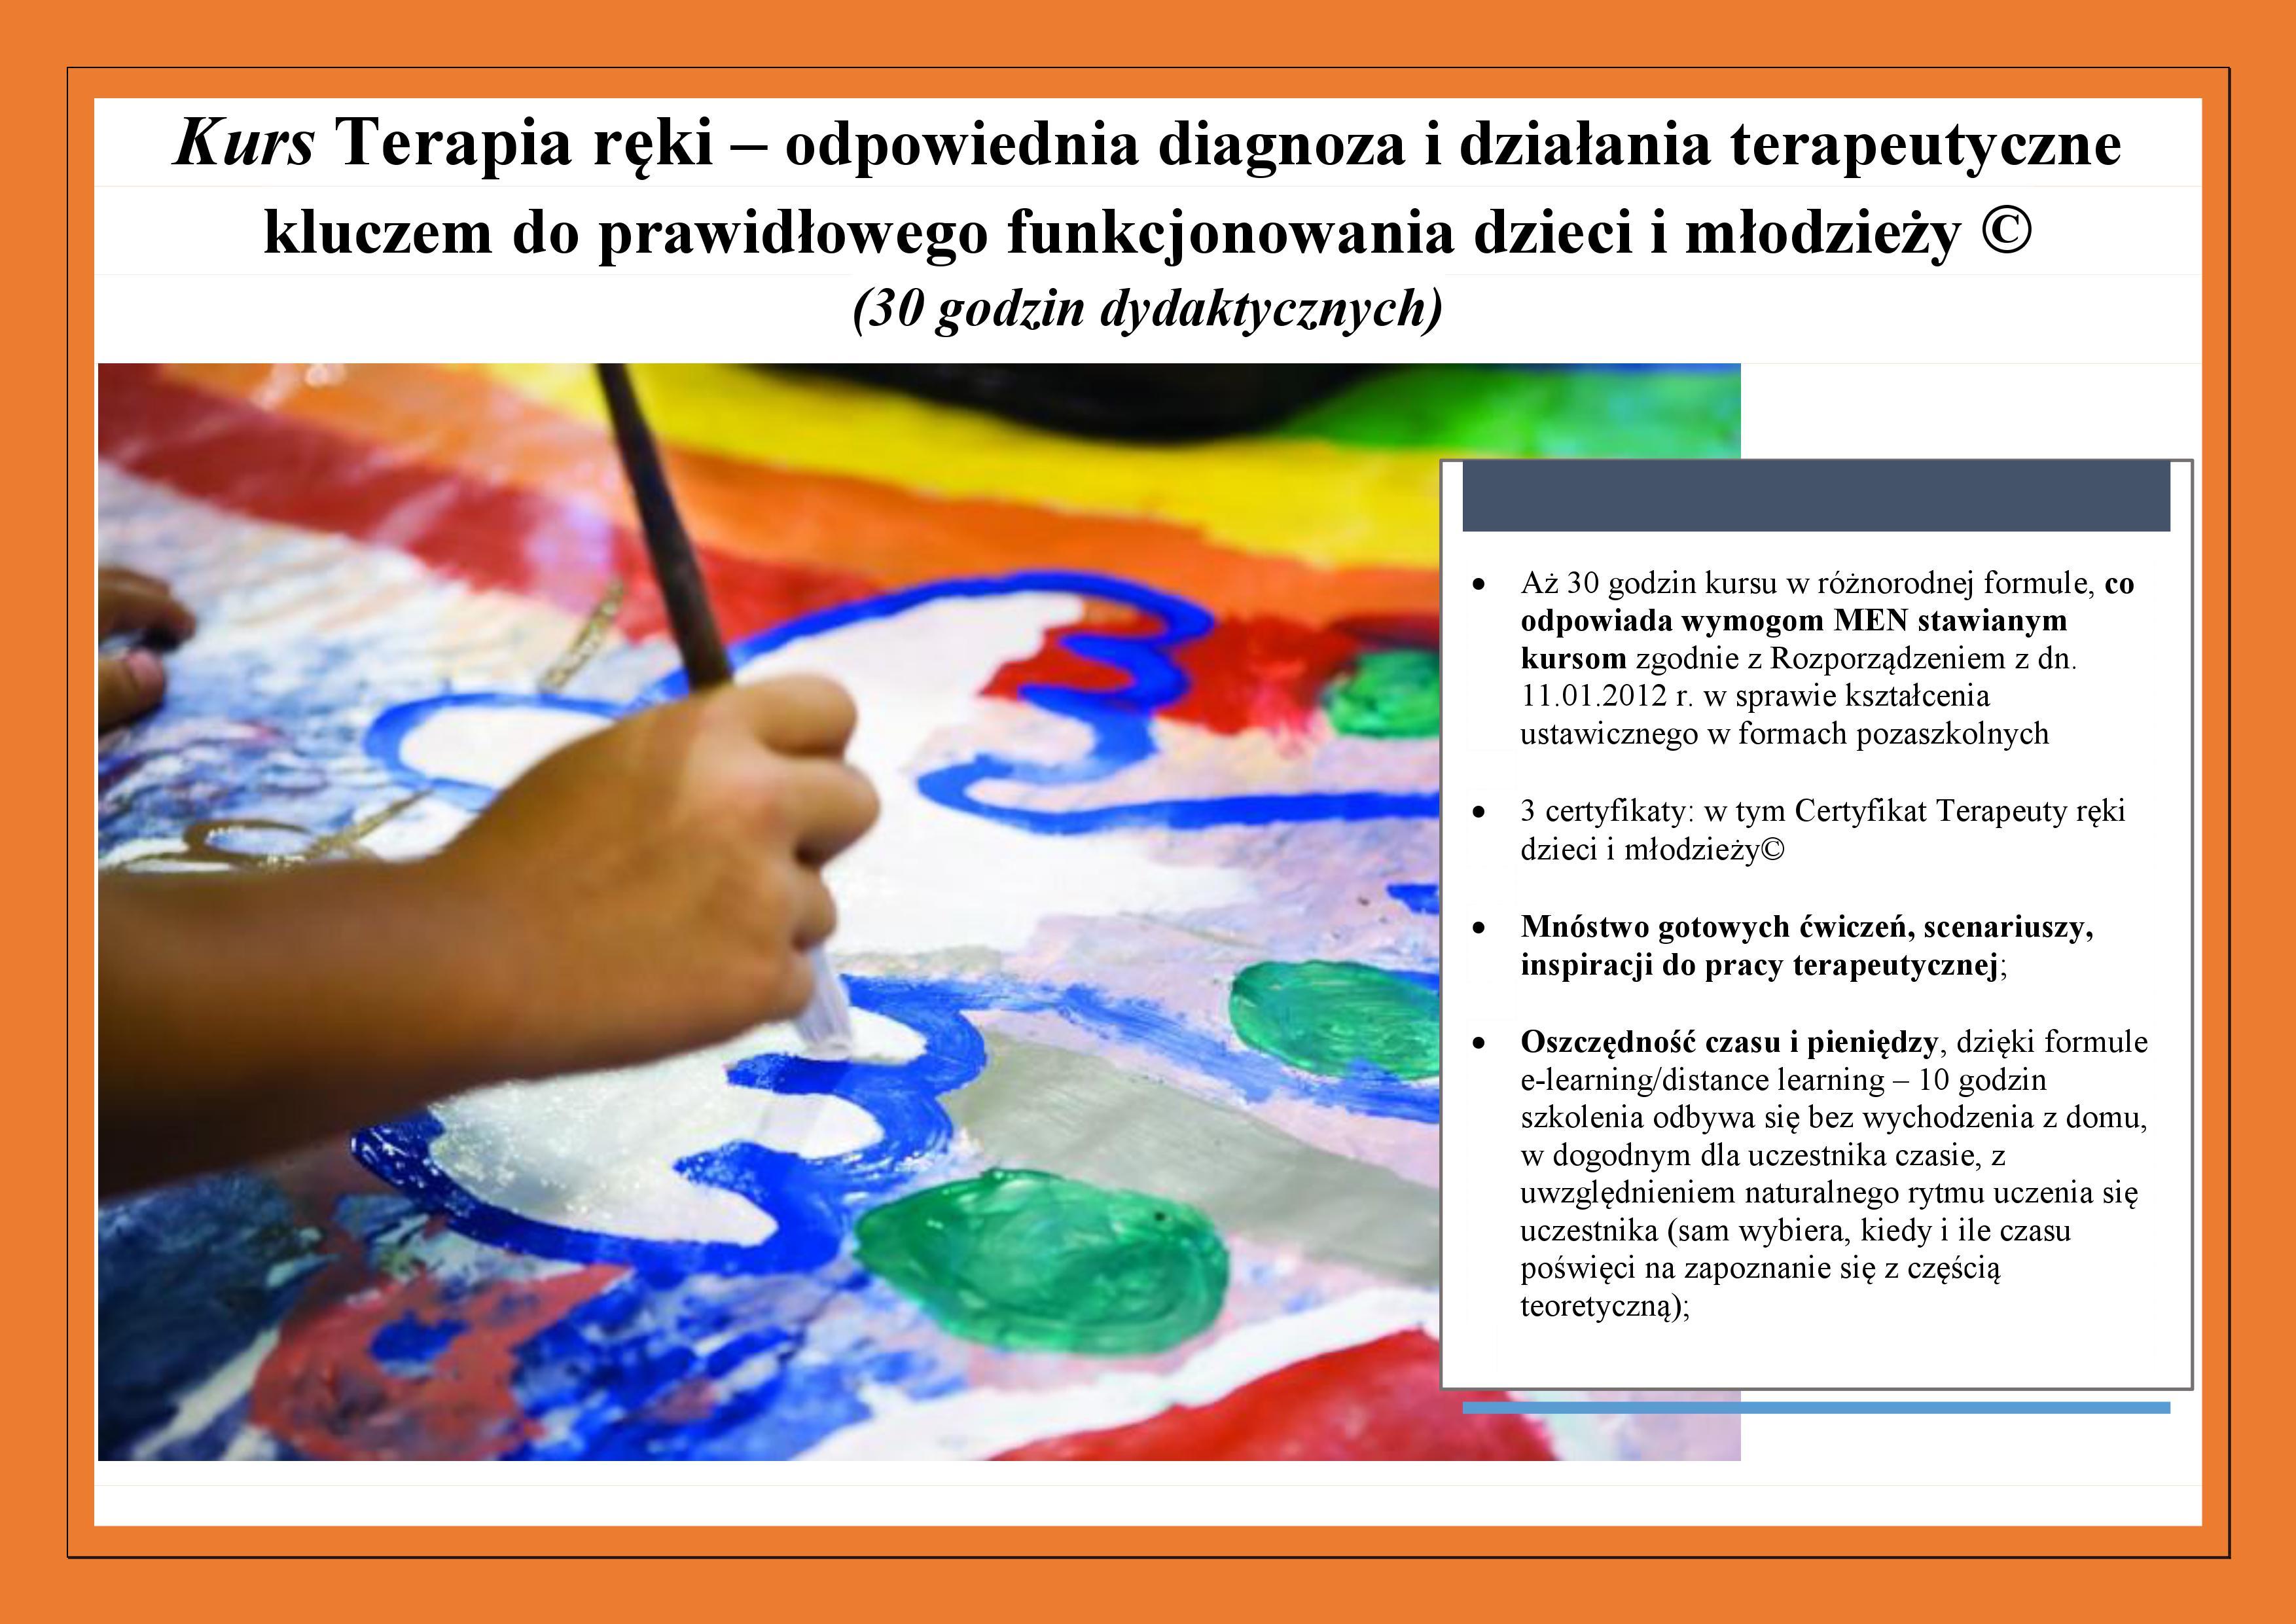 Pruszków. Kurs Terapia ręki dzieci i młodzieży©. Start 06.11.2018 r.